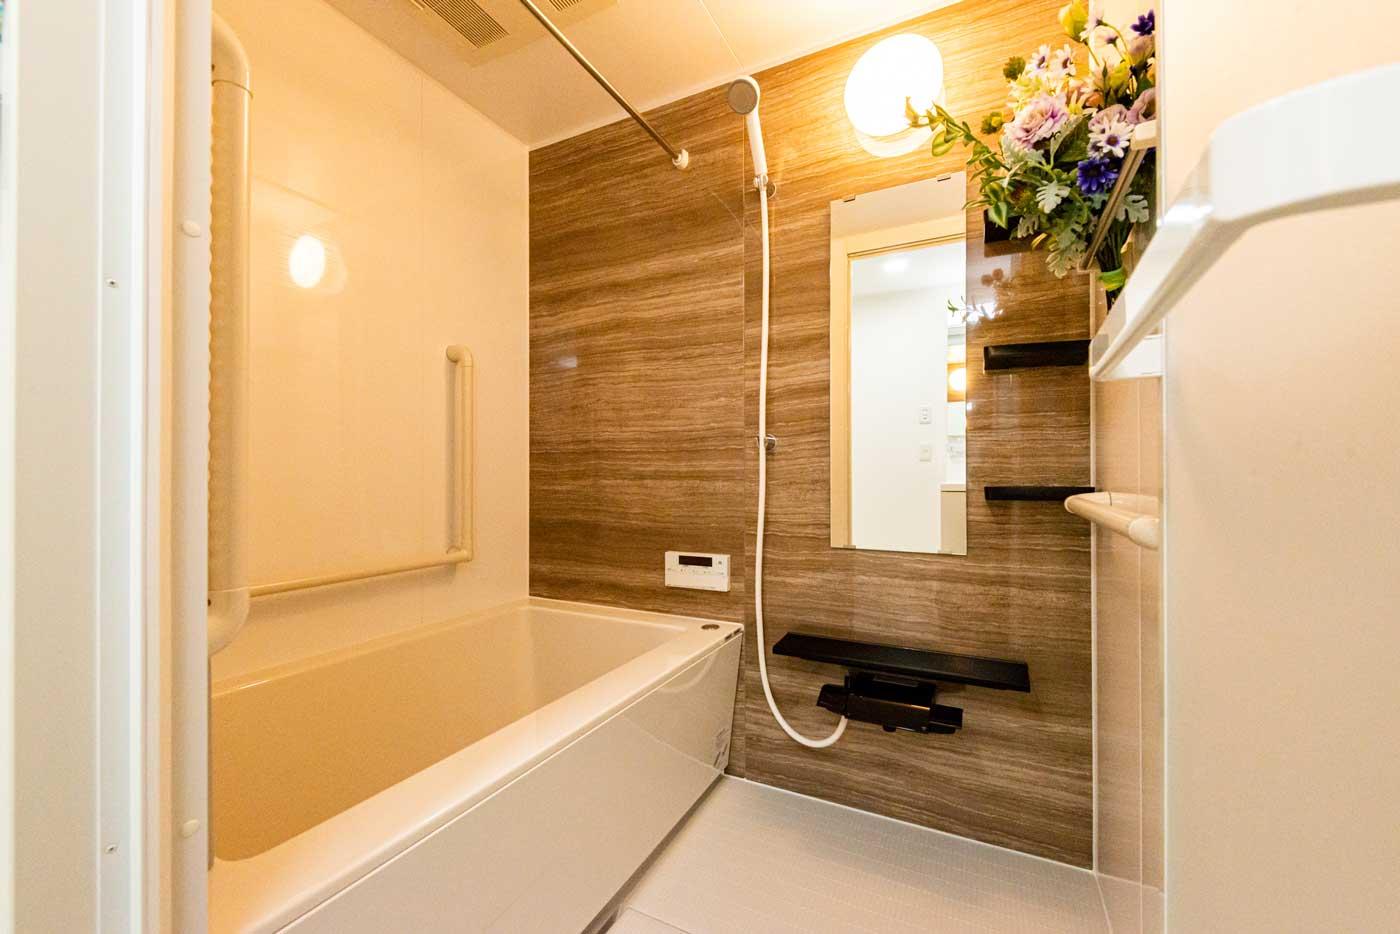 隅々まで美しくなった浴室